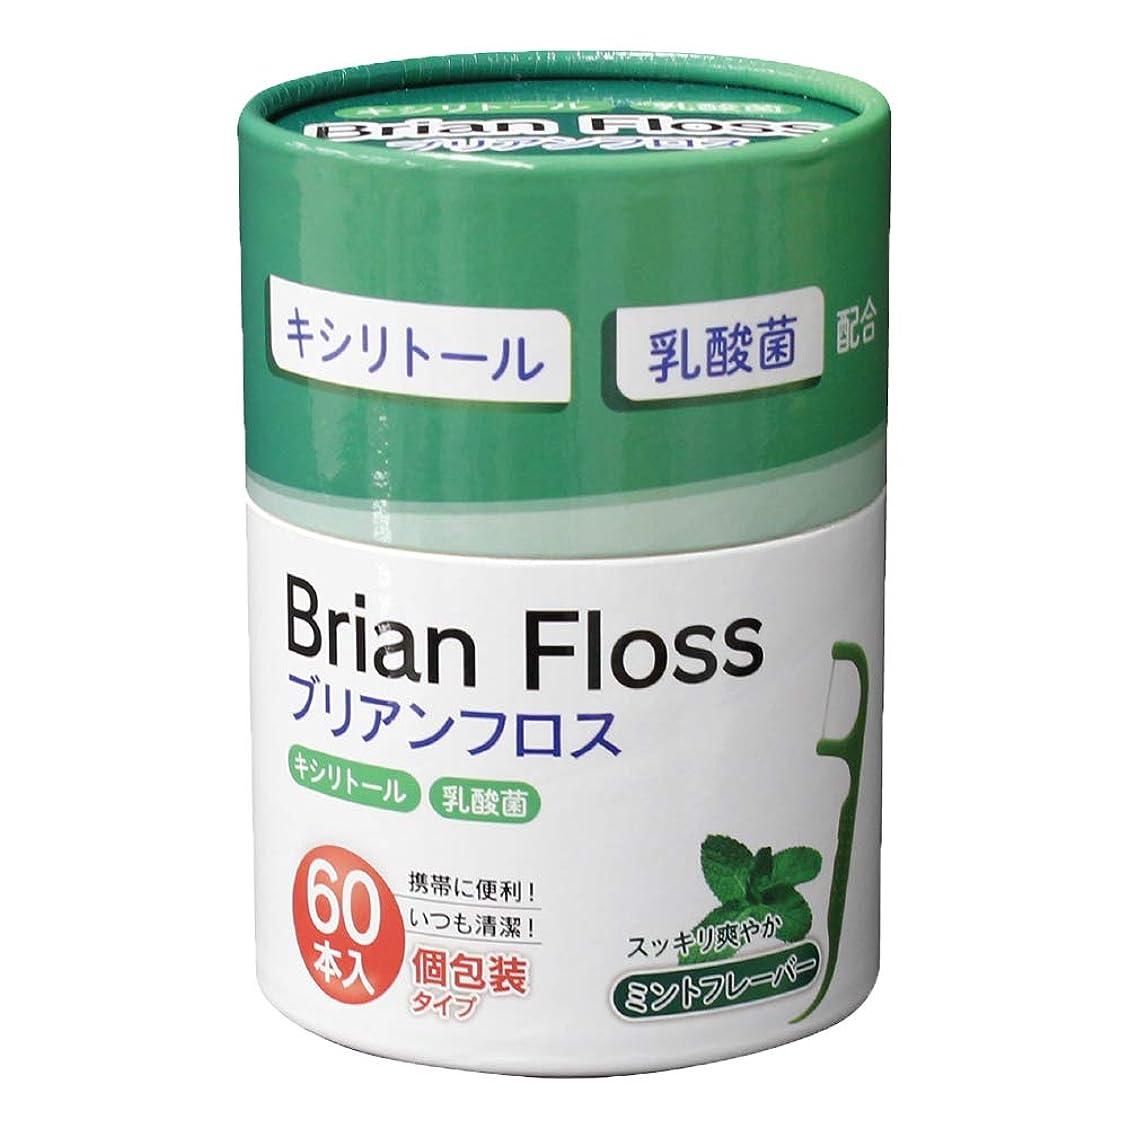 静かに公使館スプレー(ブリアン) Brian 公式 ブリアンフロス フロス 歯 デンタル 乳酸菌 キシリトール 虫歯 予防 歯科医師 歯医者 監修 B0005 60本入り